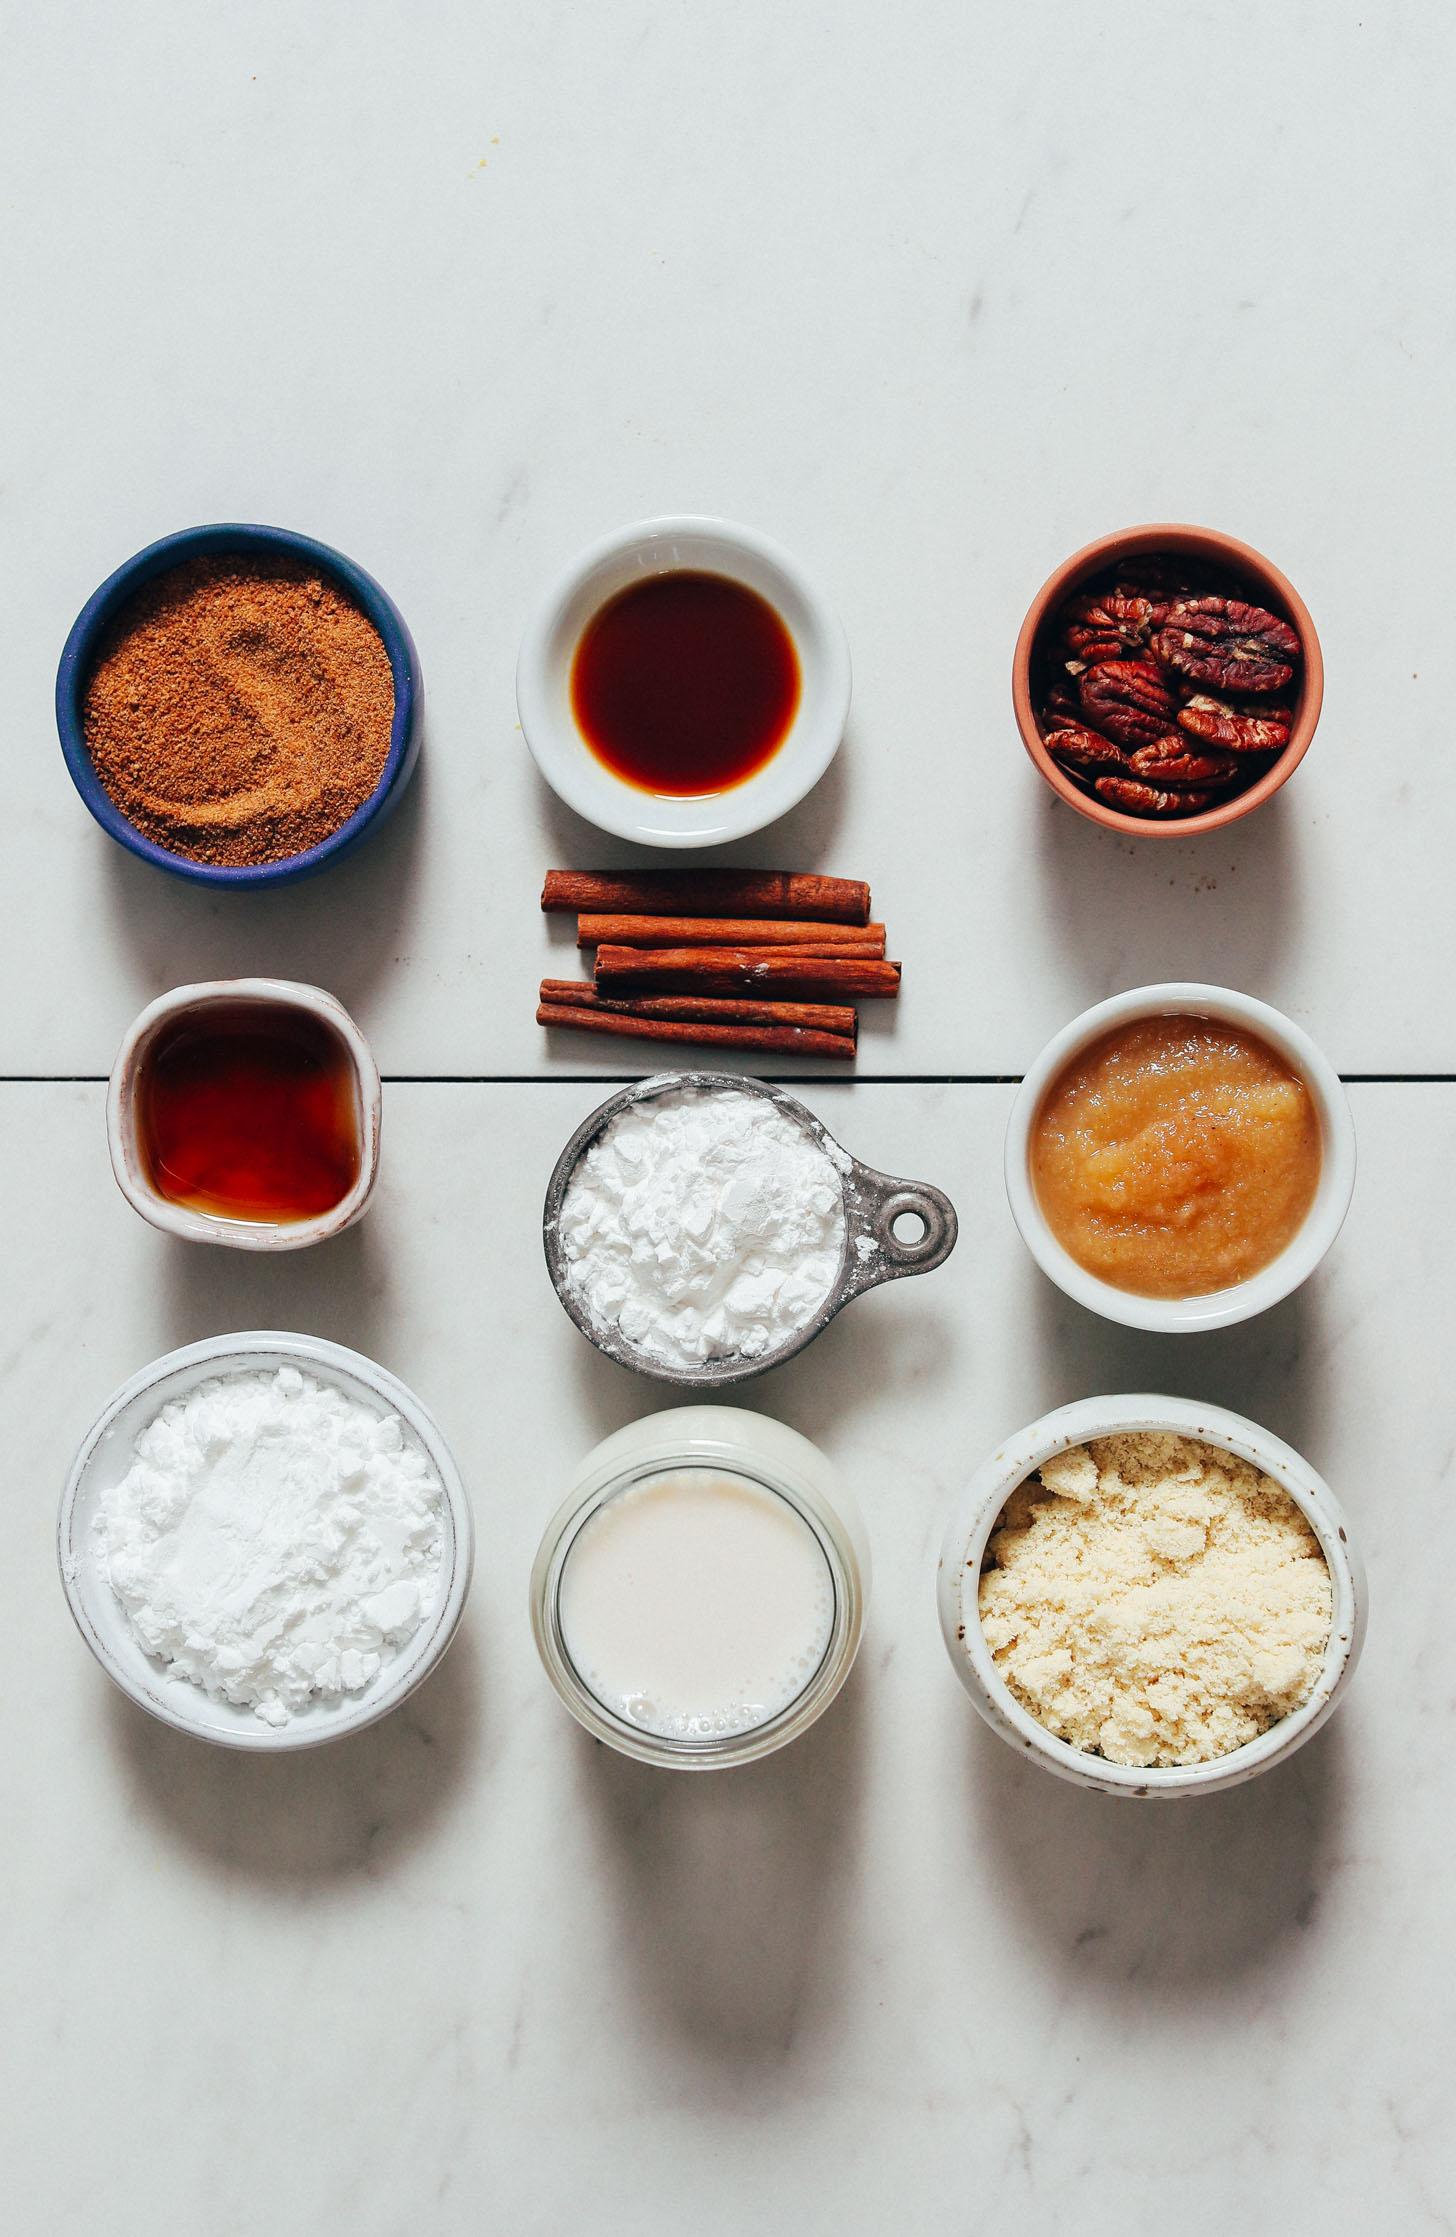 Açúcar de coco, baunilha, nozes, canela, xarope de bordo, compota de maçã, leite sem laticínios e farinhas sem glúten